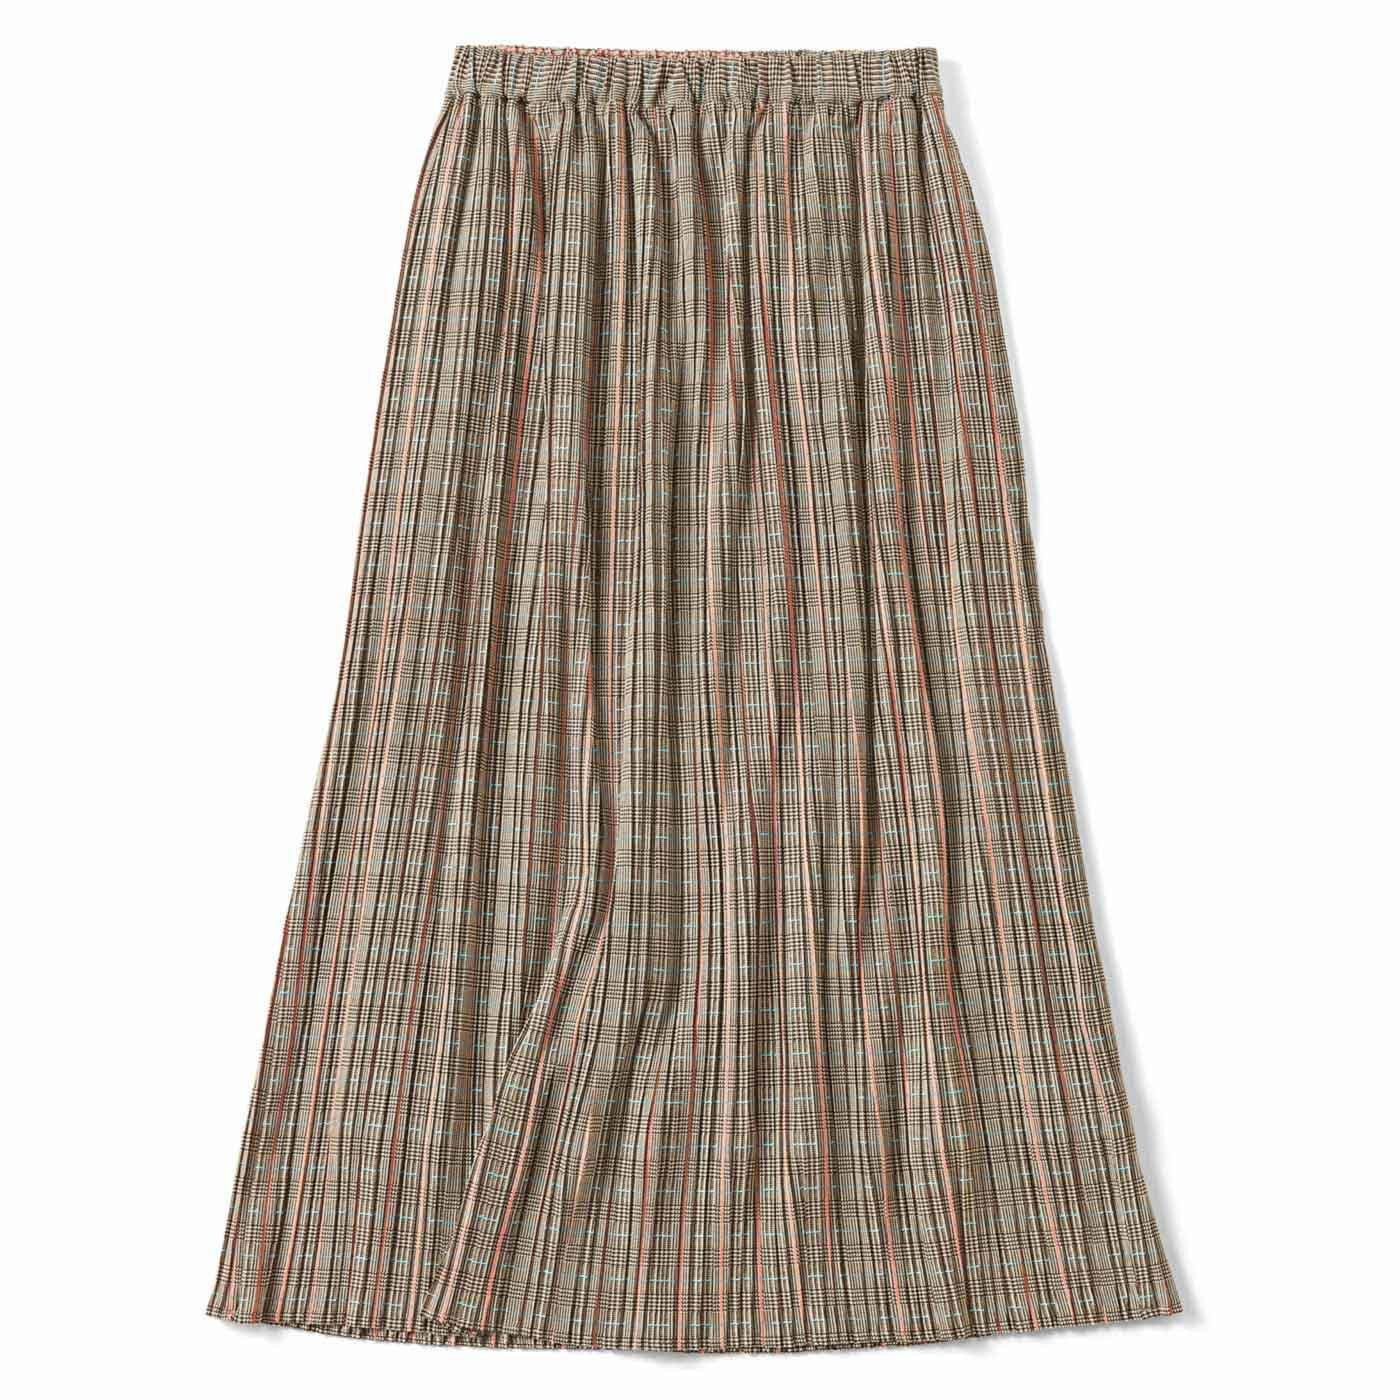 細幅が新鮮 プリーツスカート〈ブラウン〉